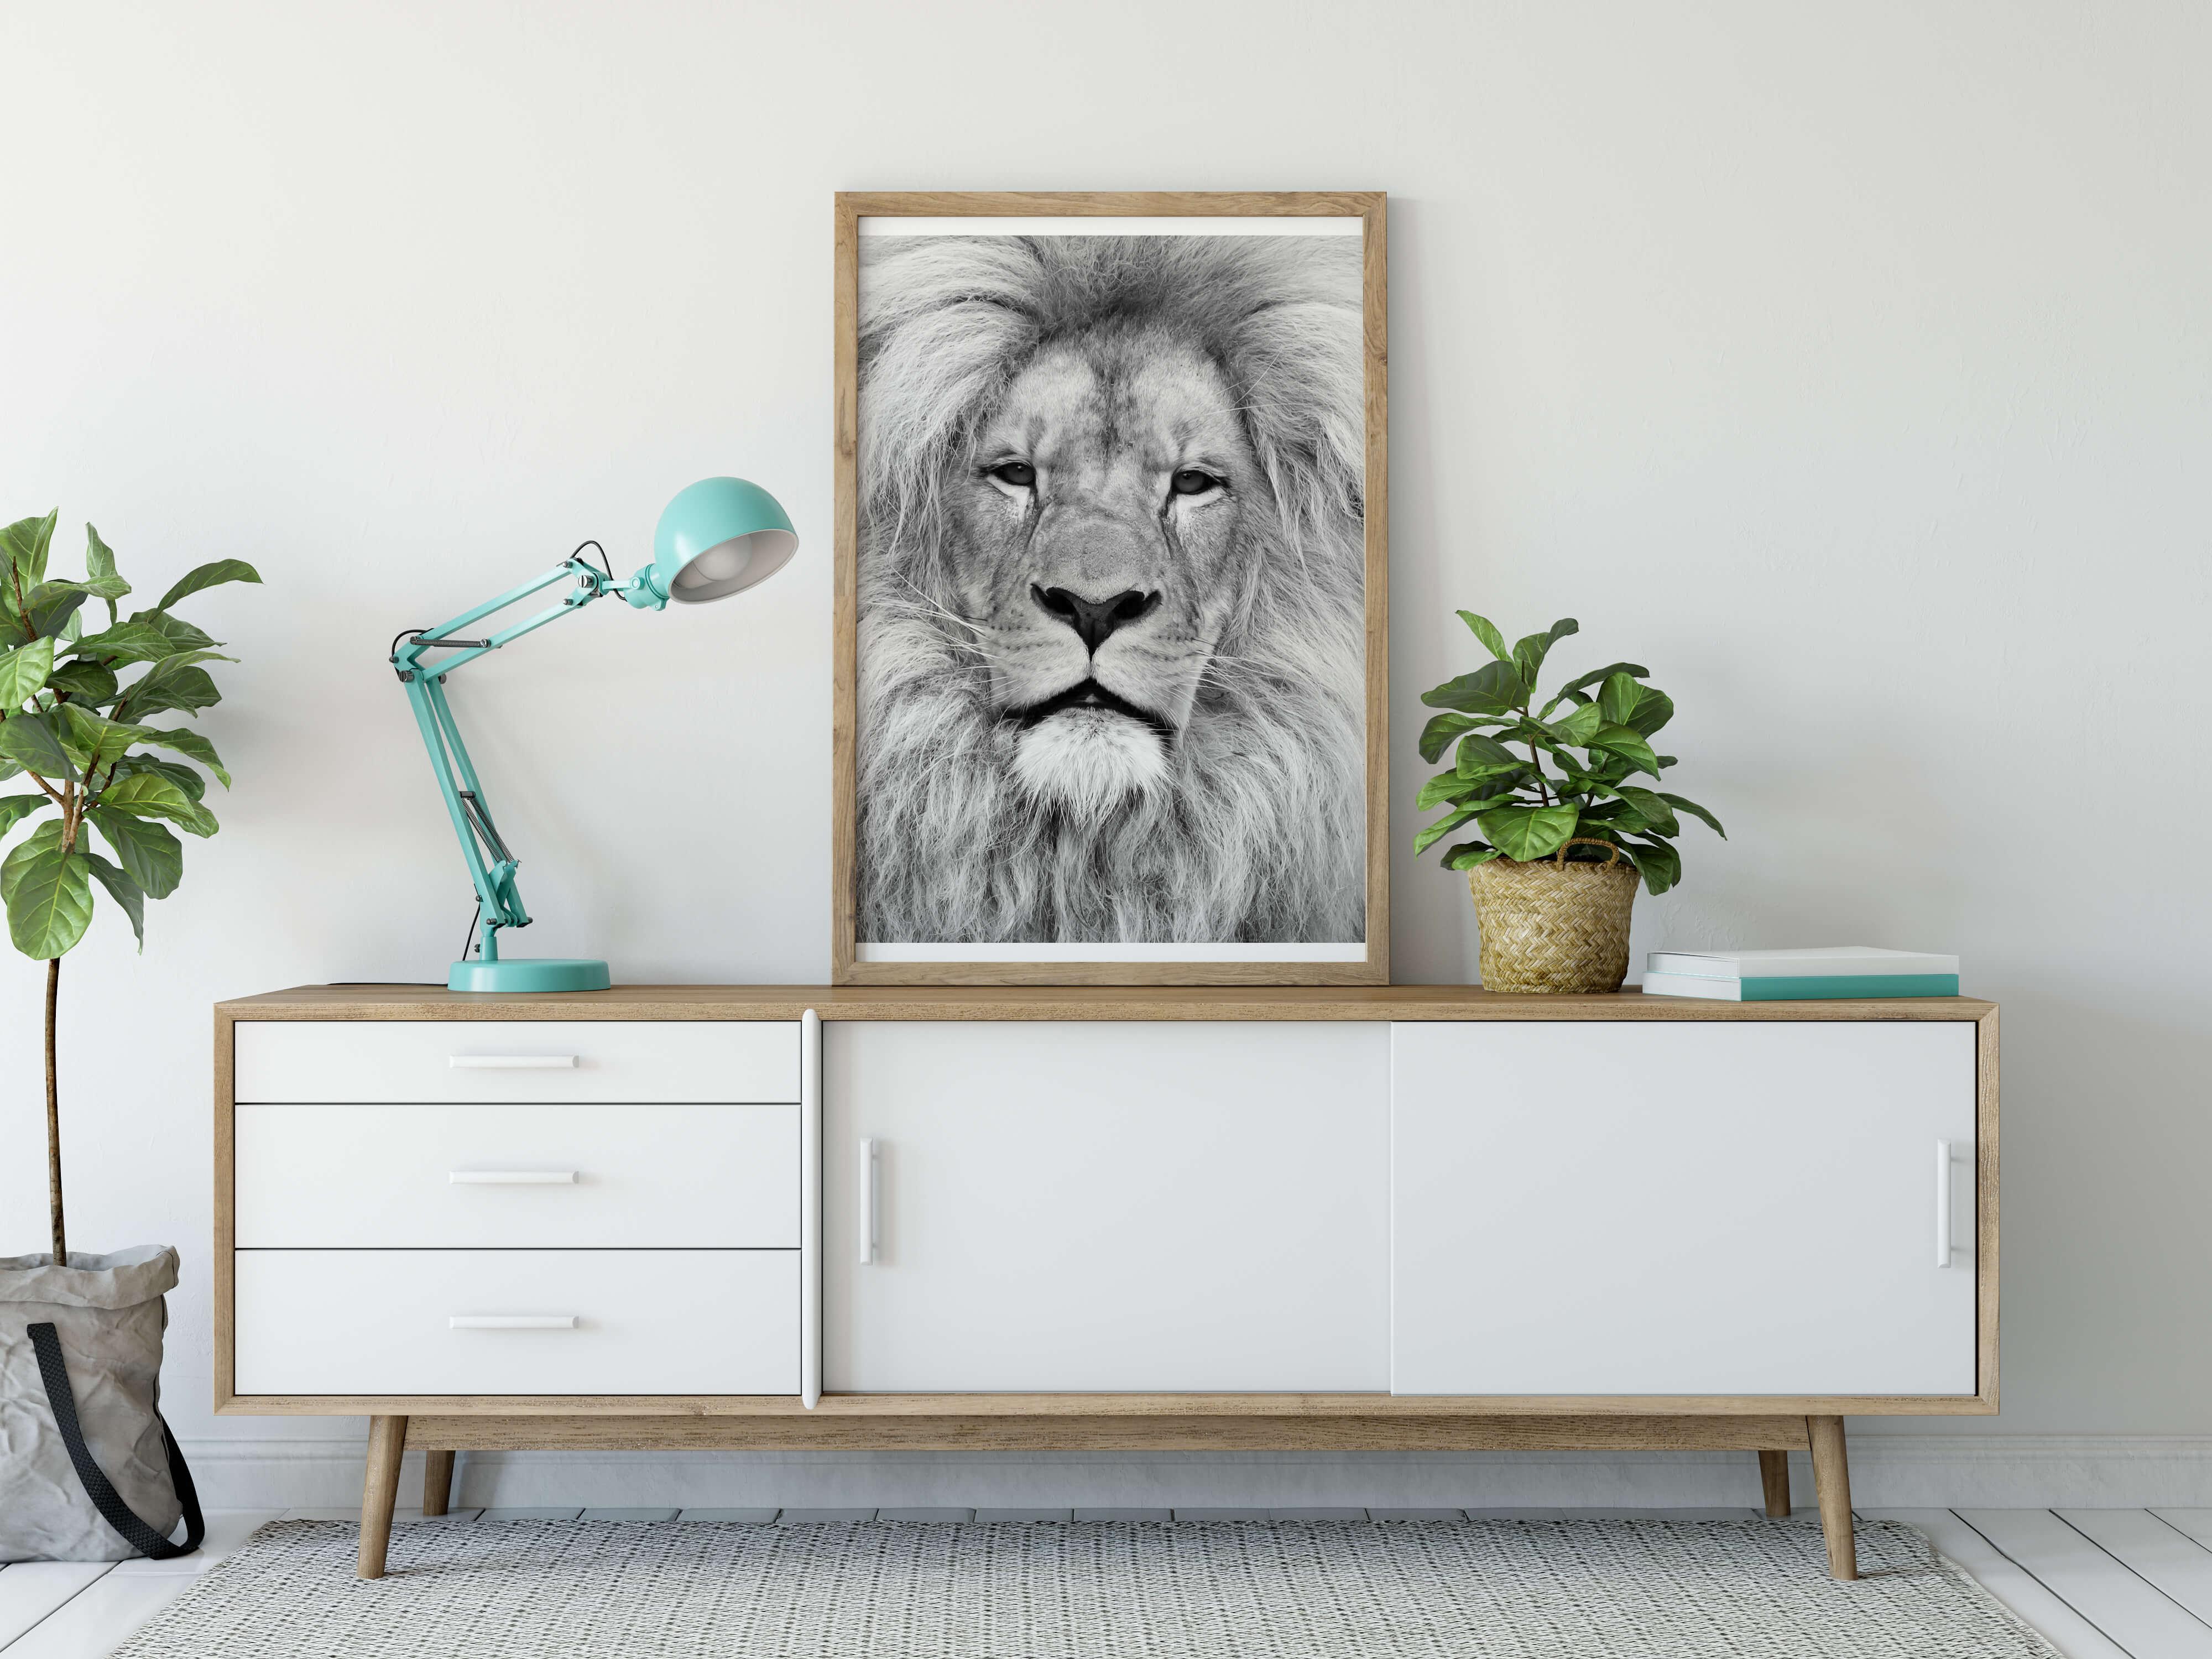 Plakat, løve